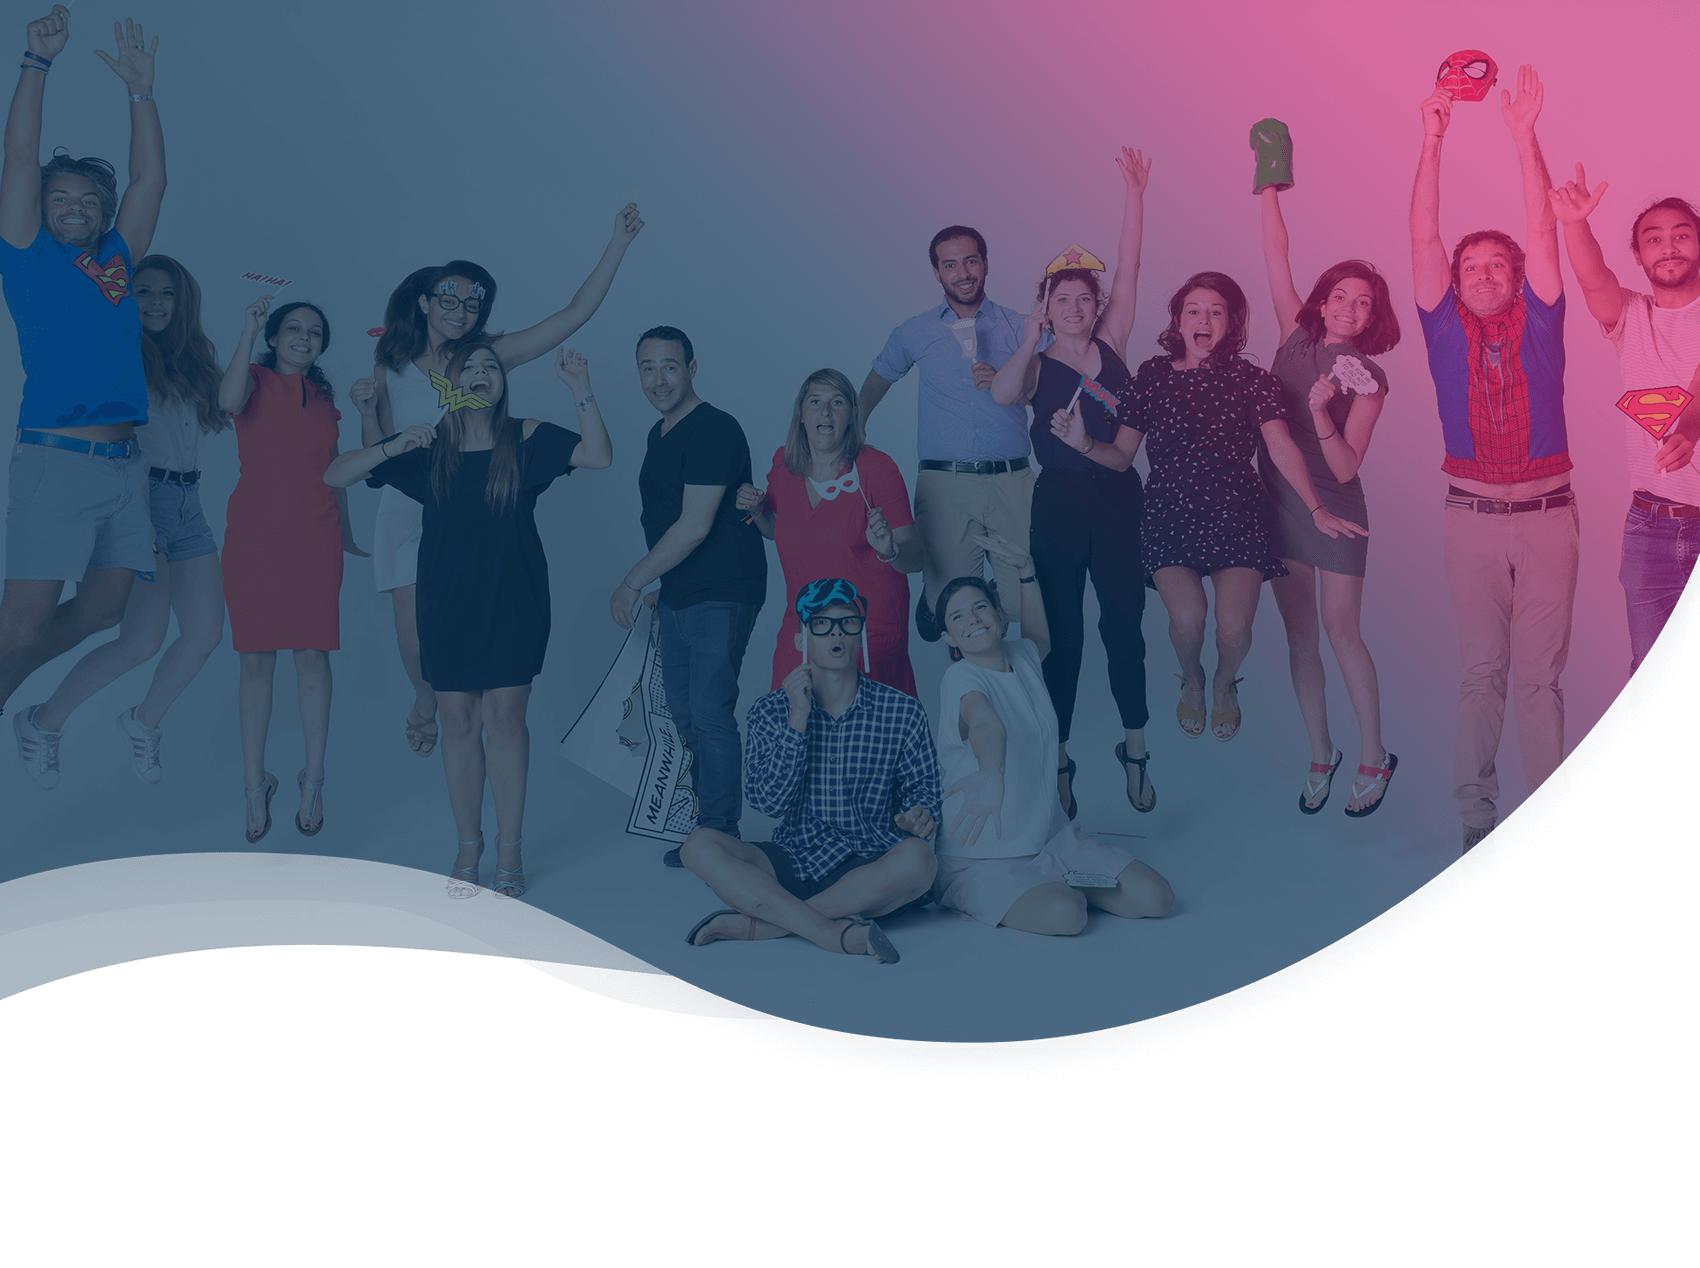 Plezi certifiée HappyAtWork Startup 2017: comment apporter le bonheur au travail?